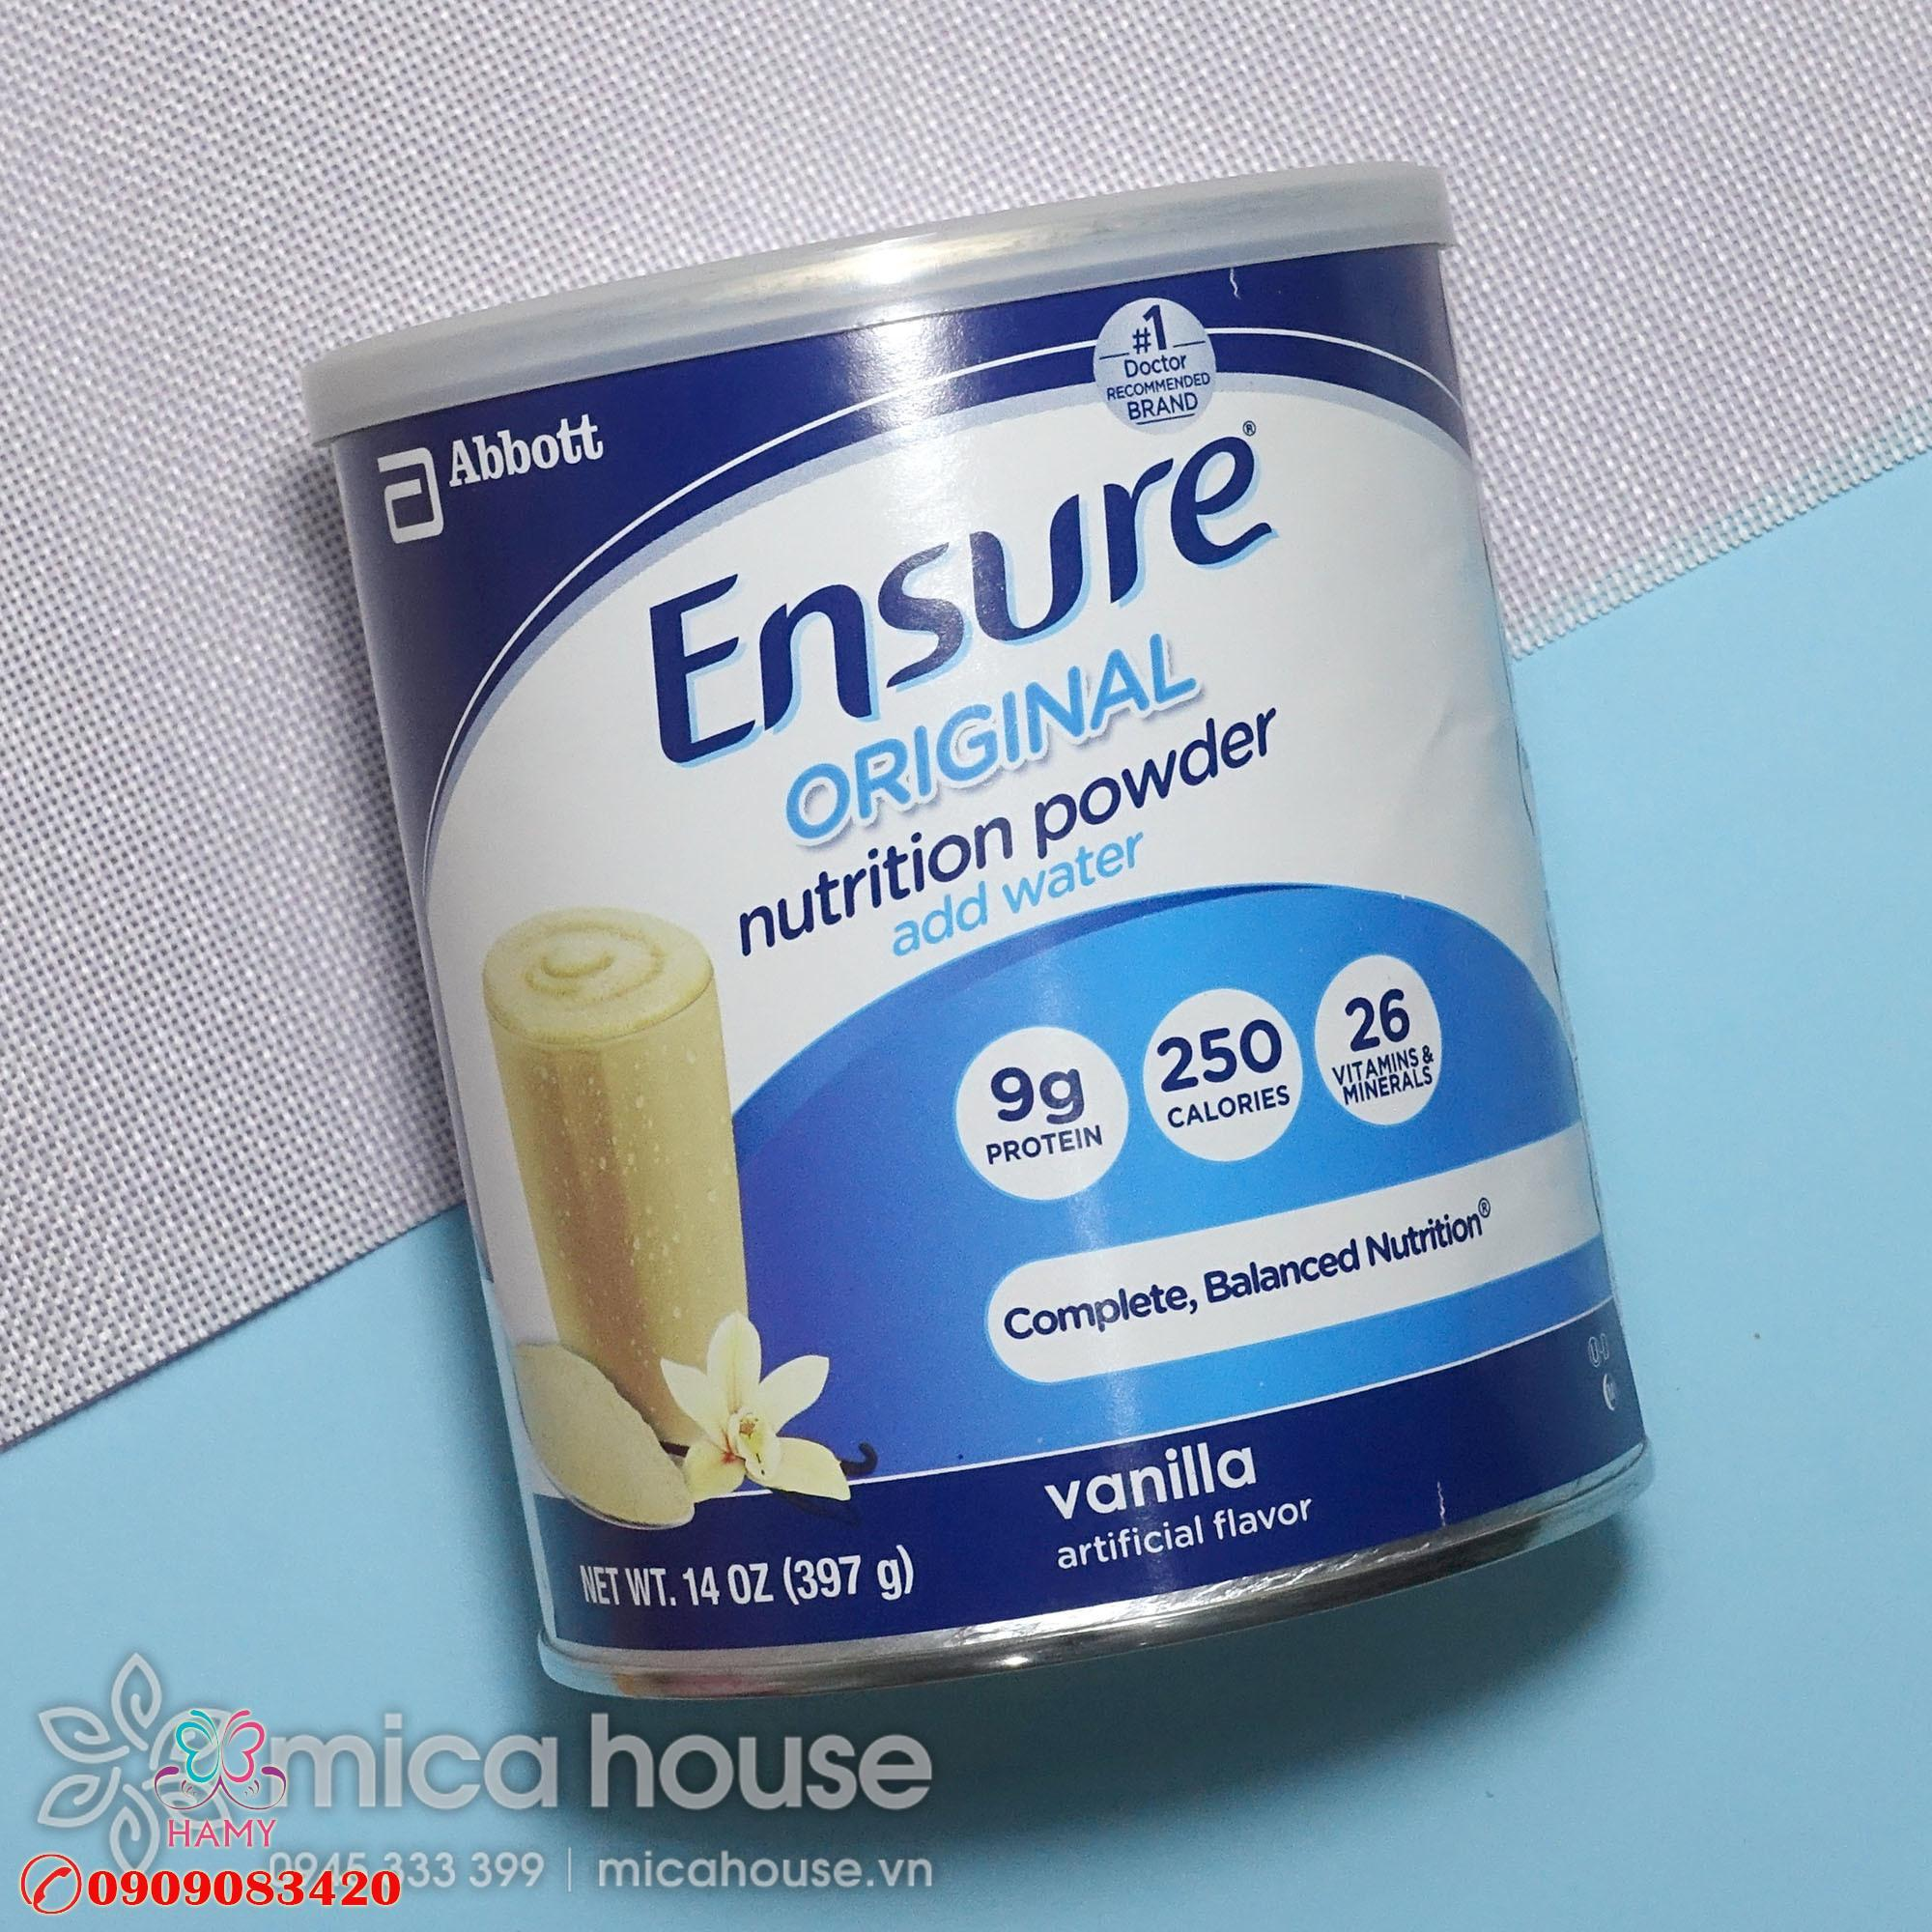 Sữa bột Abbott Ensure của Mỹ – hộp 397g OEM – Review sản phẩm